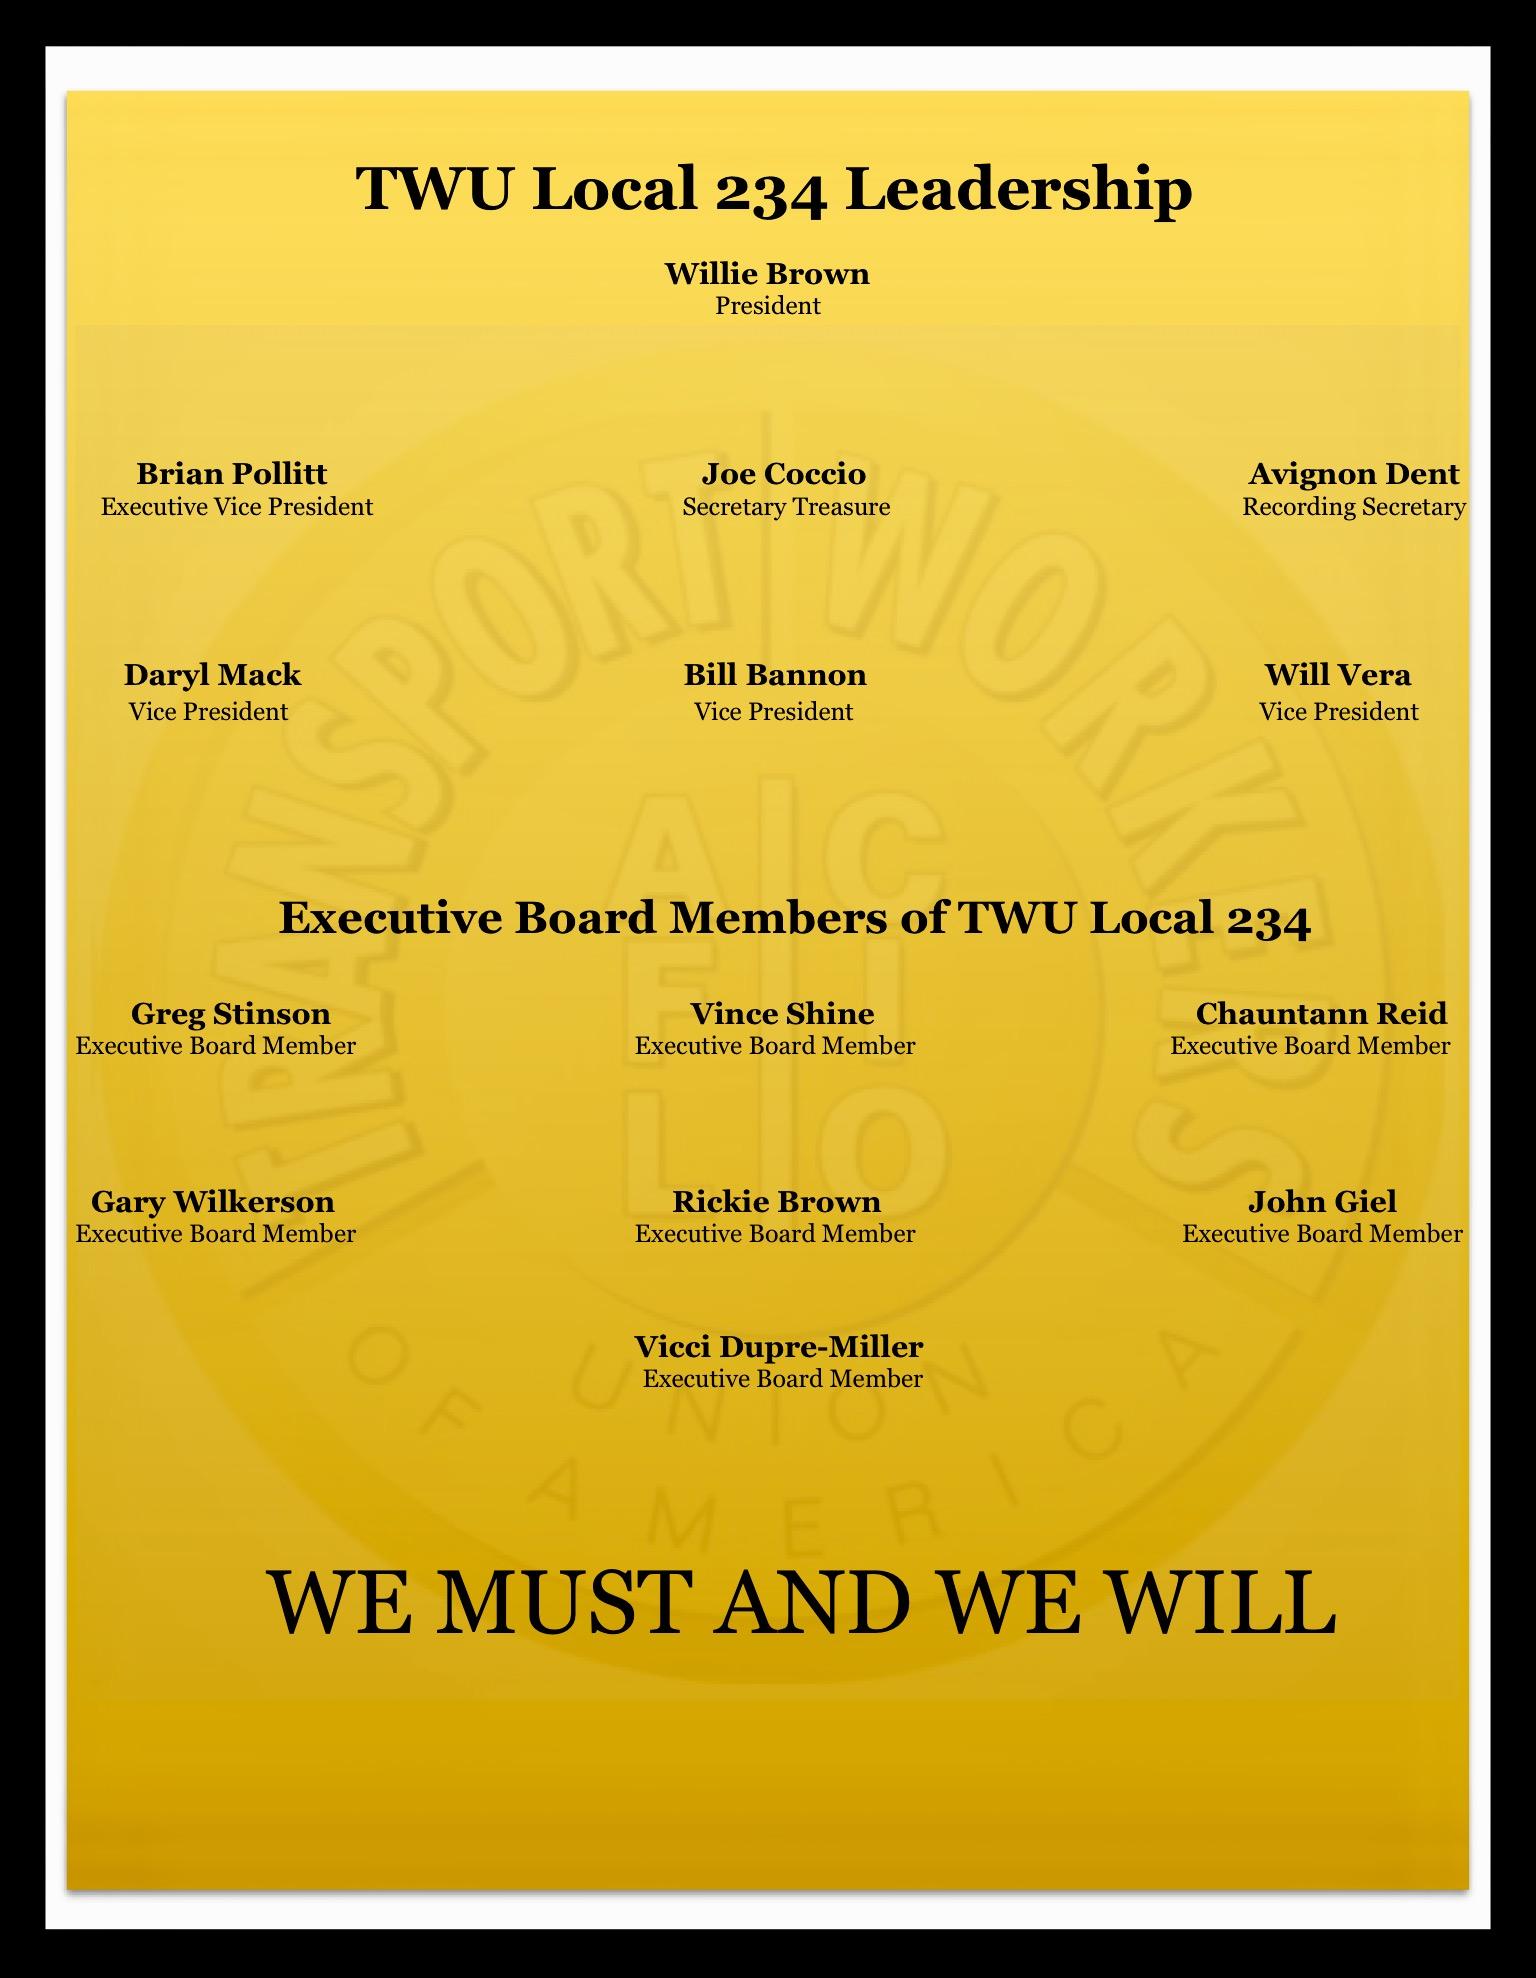 2017_Leadership_TWU_Local_234.jpg